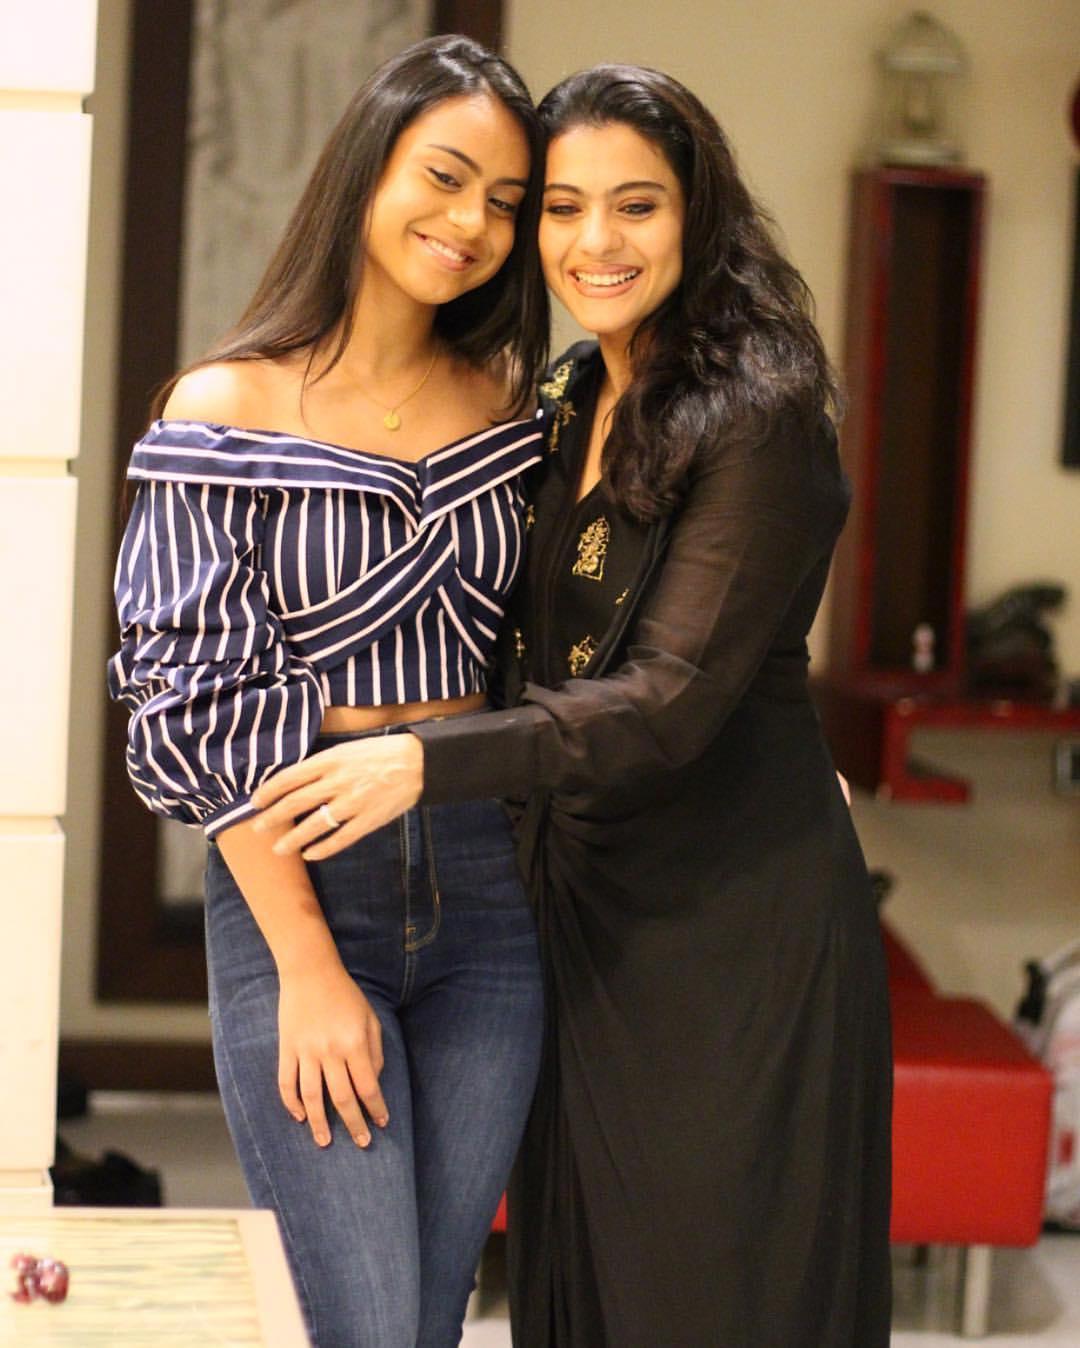 Nysa Devgan hot kajol and ajay devgal daughter pics